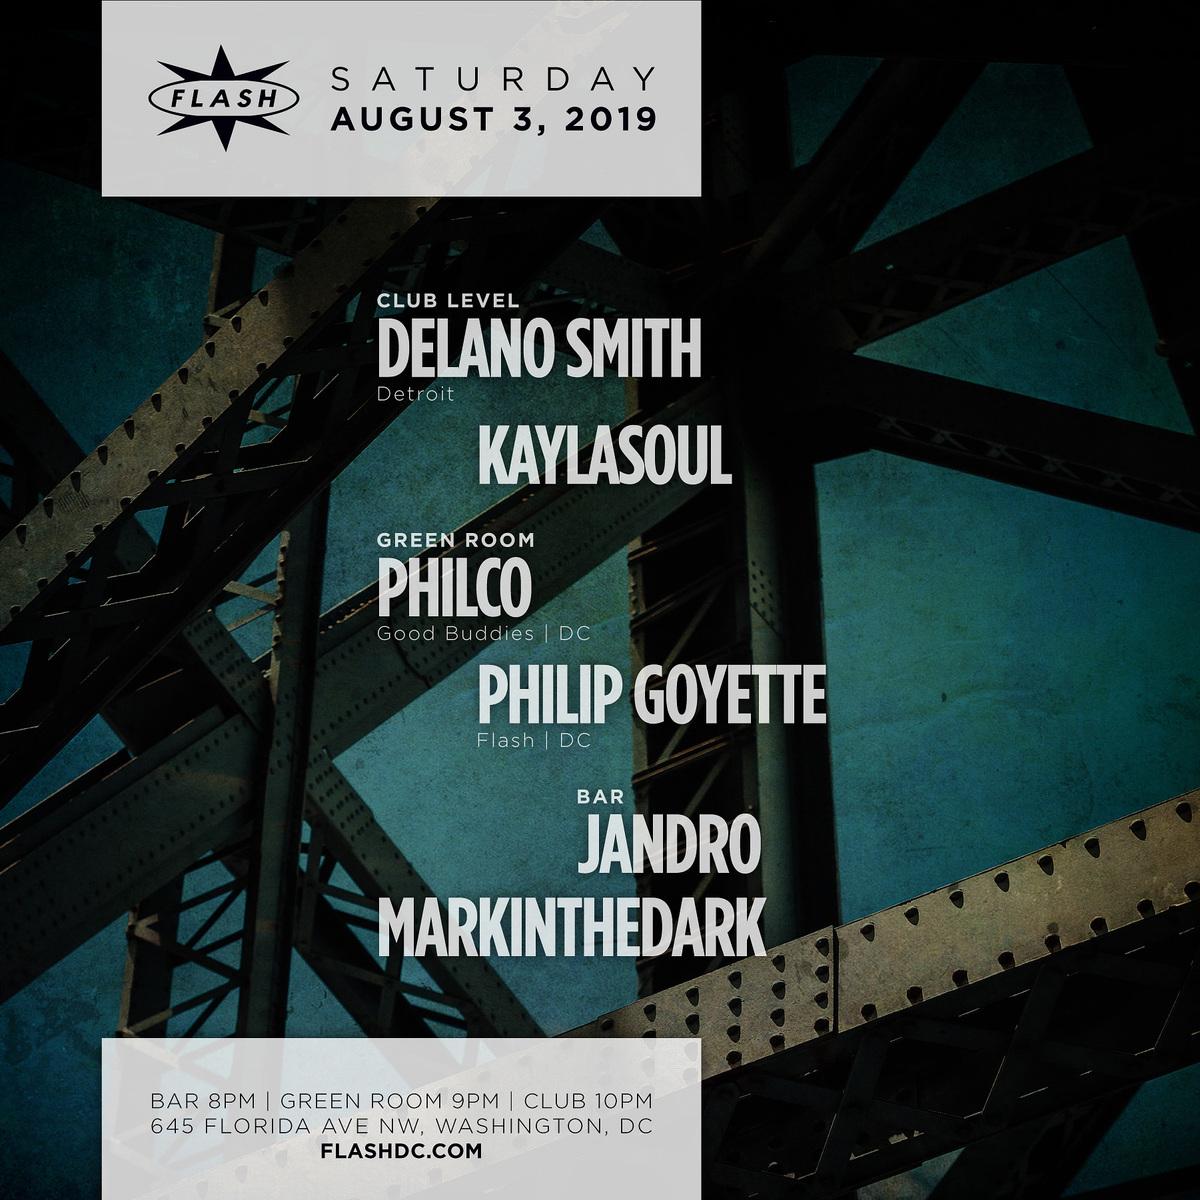 Delano Smith - KayLaSoul - Philco - Philip Goyette - Jandro - markinthedark event thumbnail